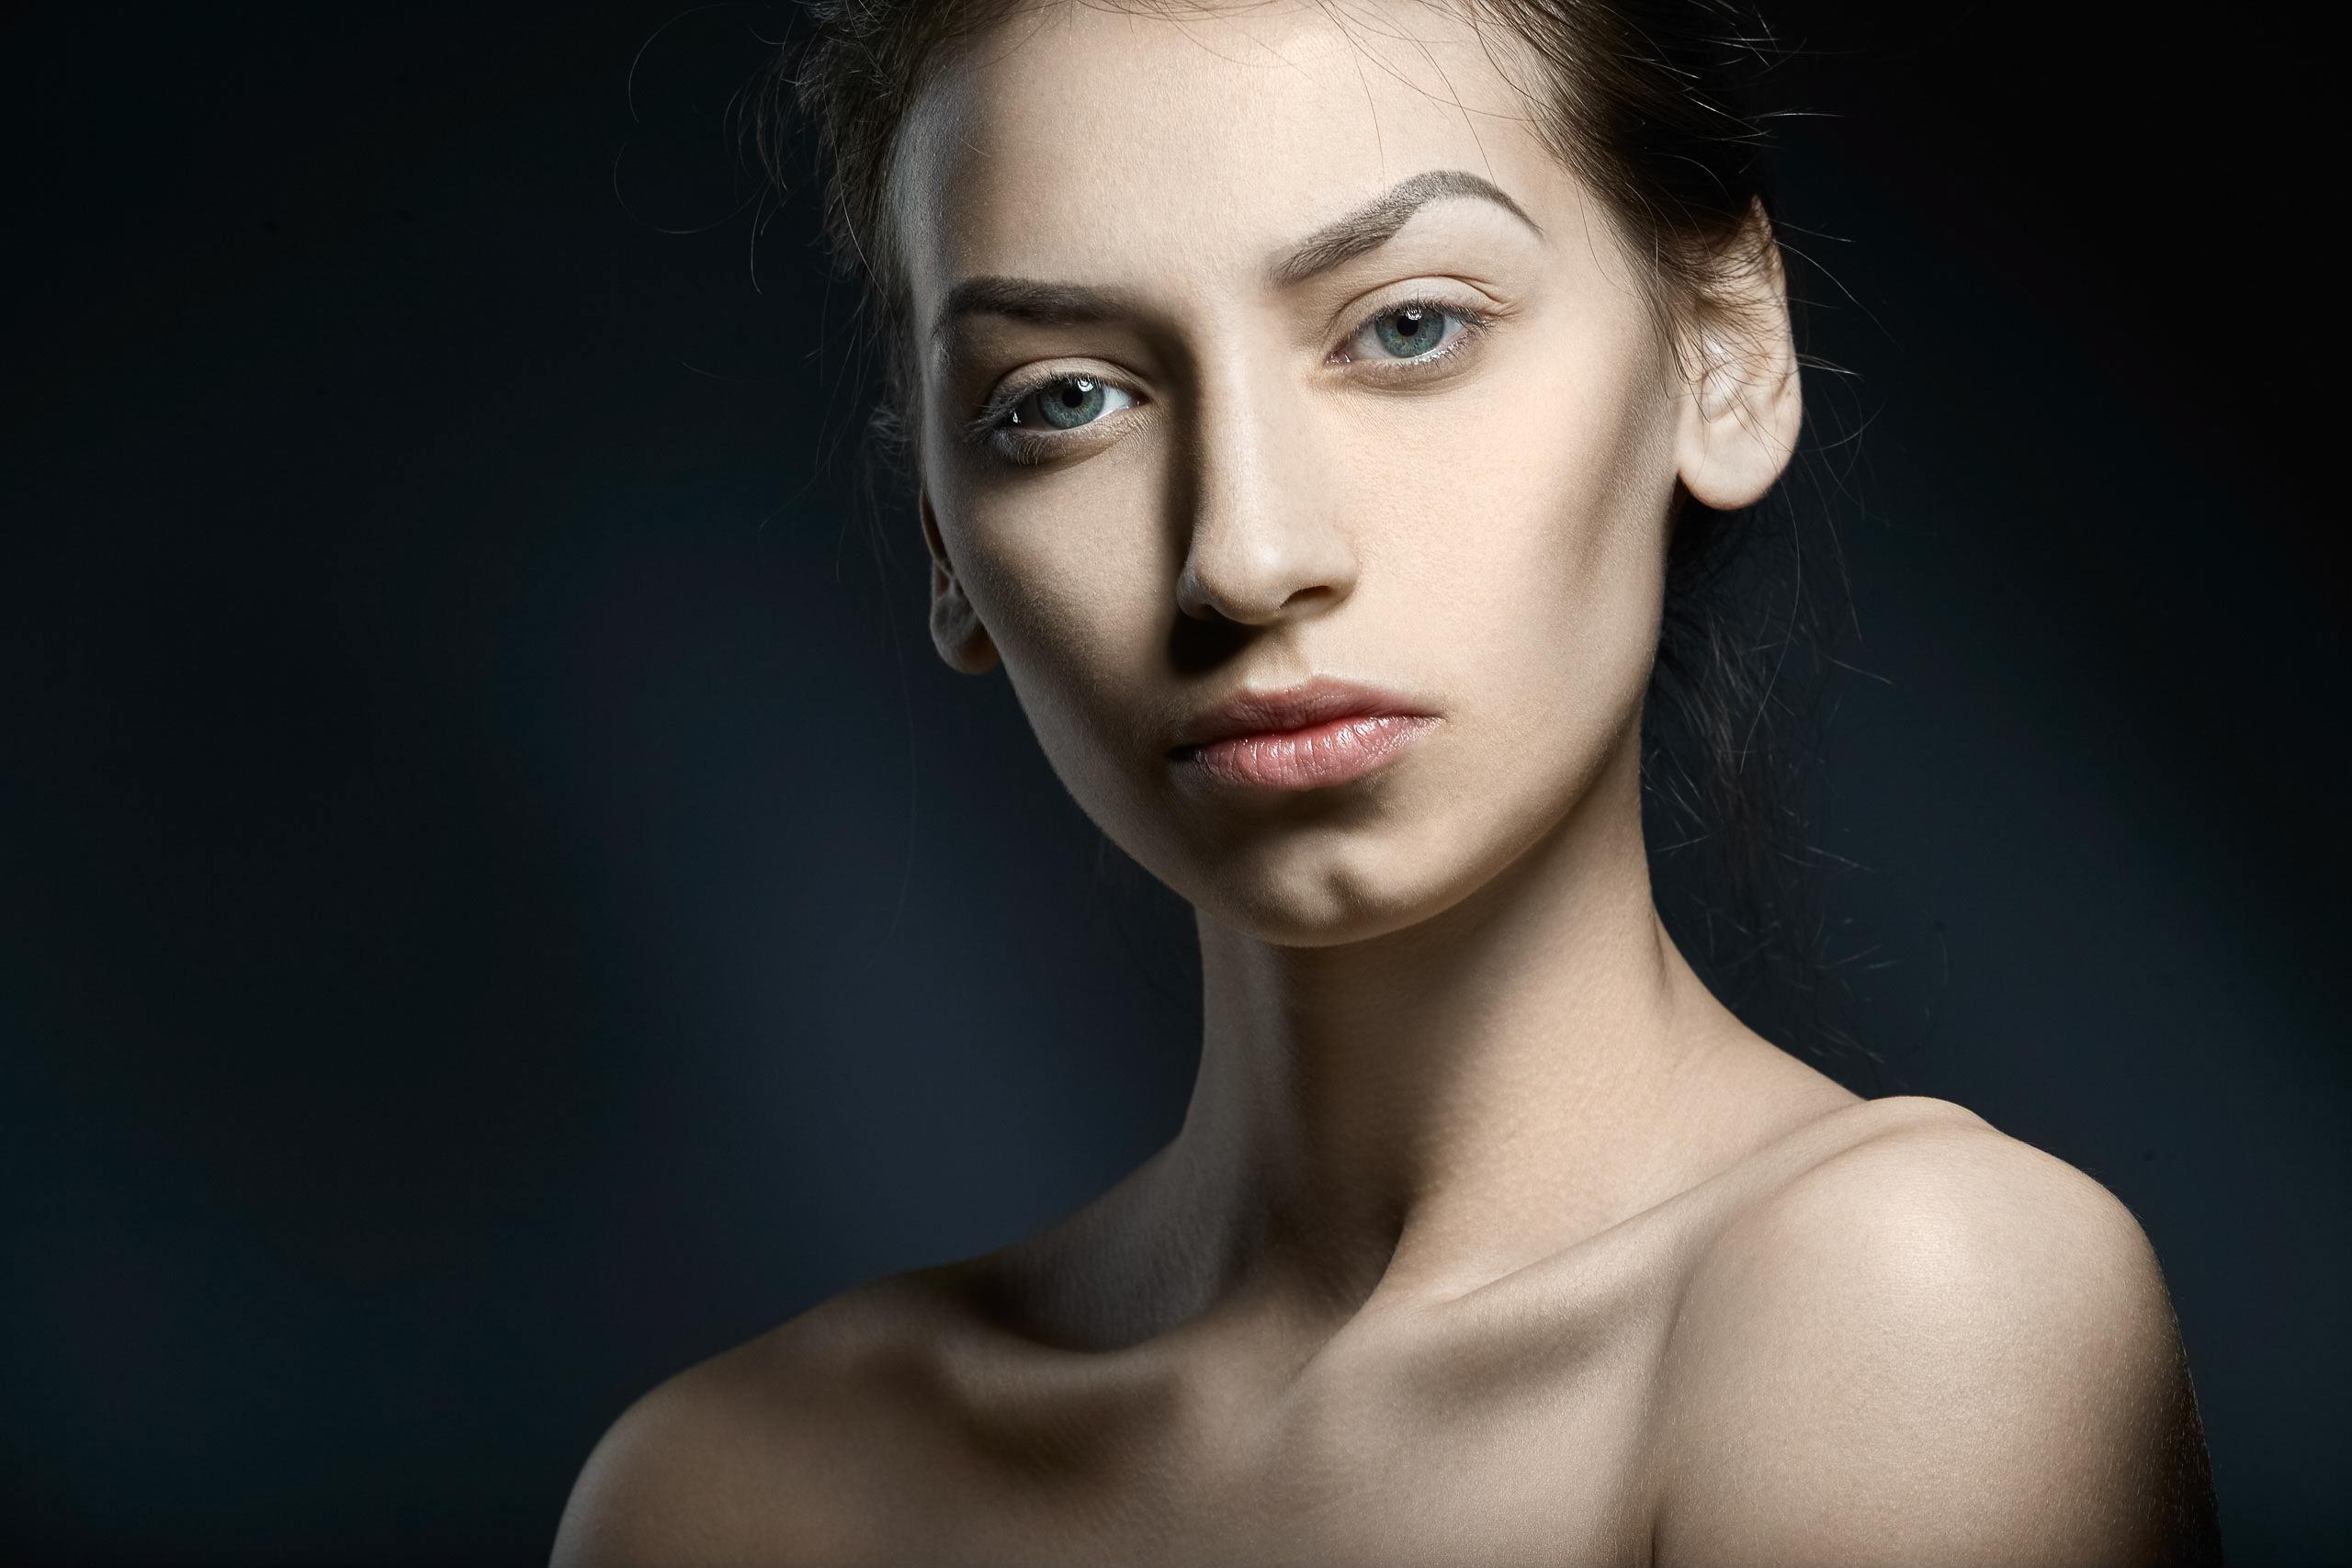 оформлении окон для практики портретной фотографии ищутся модели размещения